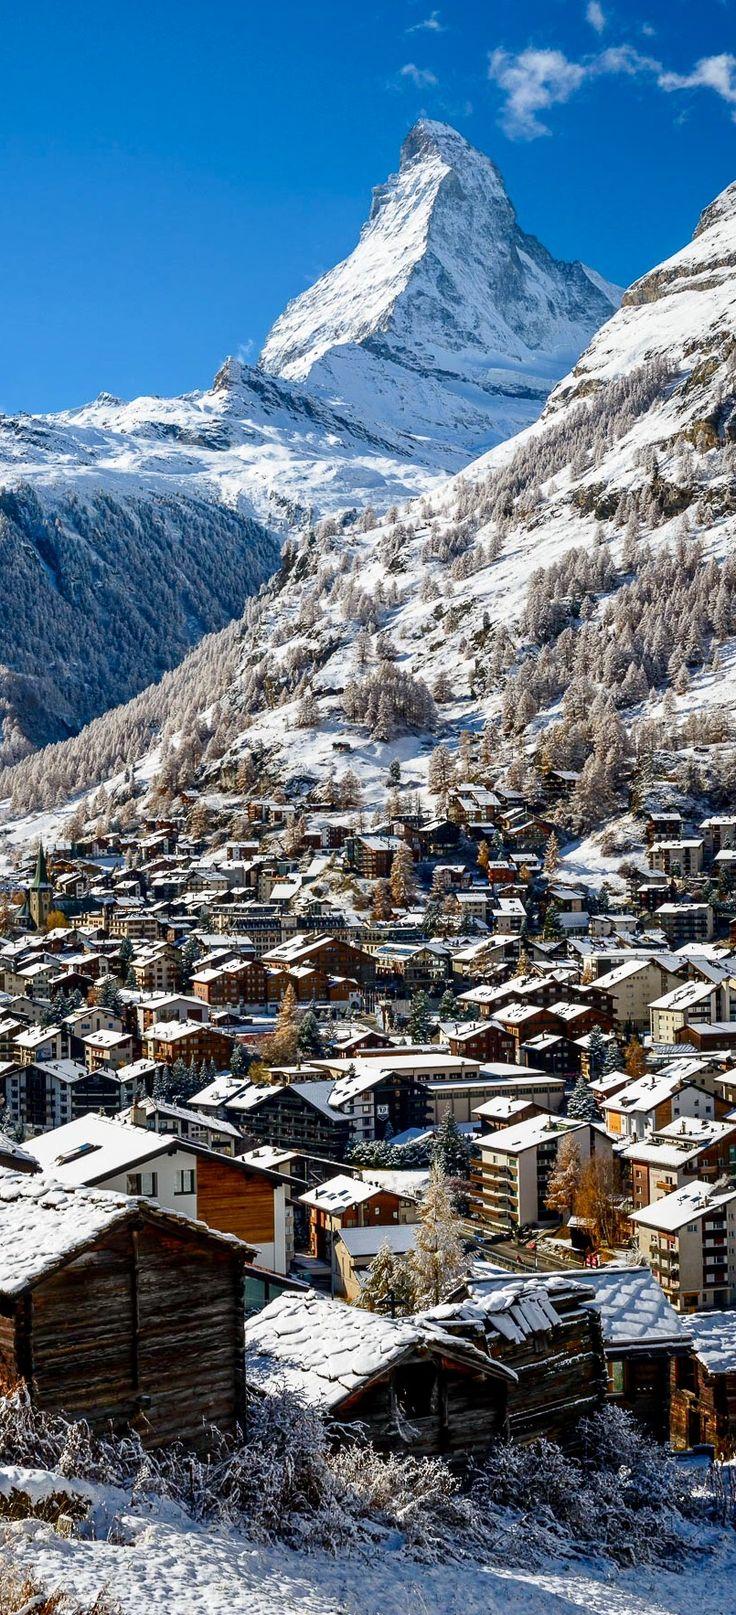 Zermatt / Zermatt es una comuna suiza del cantón del Valais, localizada en el distrito de Visp. Es una de las estaciones de esquí más conocidas y exclusivas de Suiza junto con Sankt Moritz, Klosters y Gstaad.